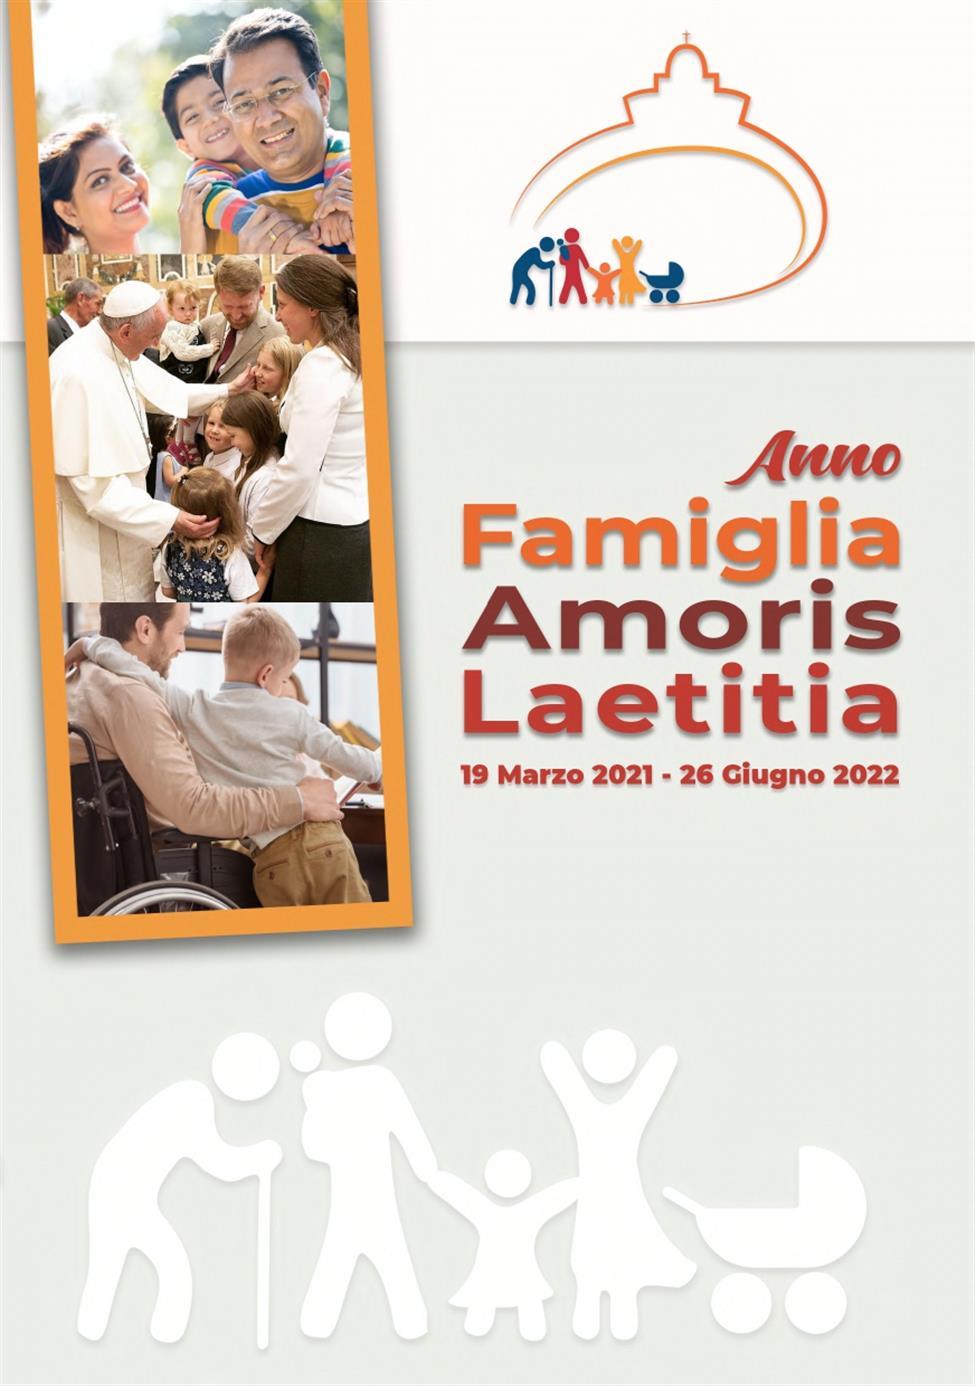 """19 Marzo 2021 - Inizio Anno Pastorale """"Famiglia Amoris Laetitia"""""""